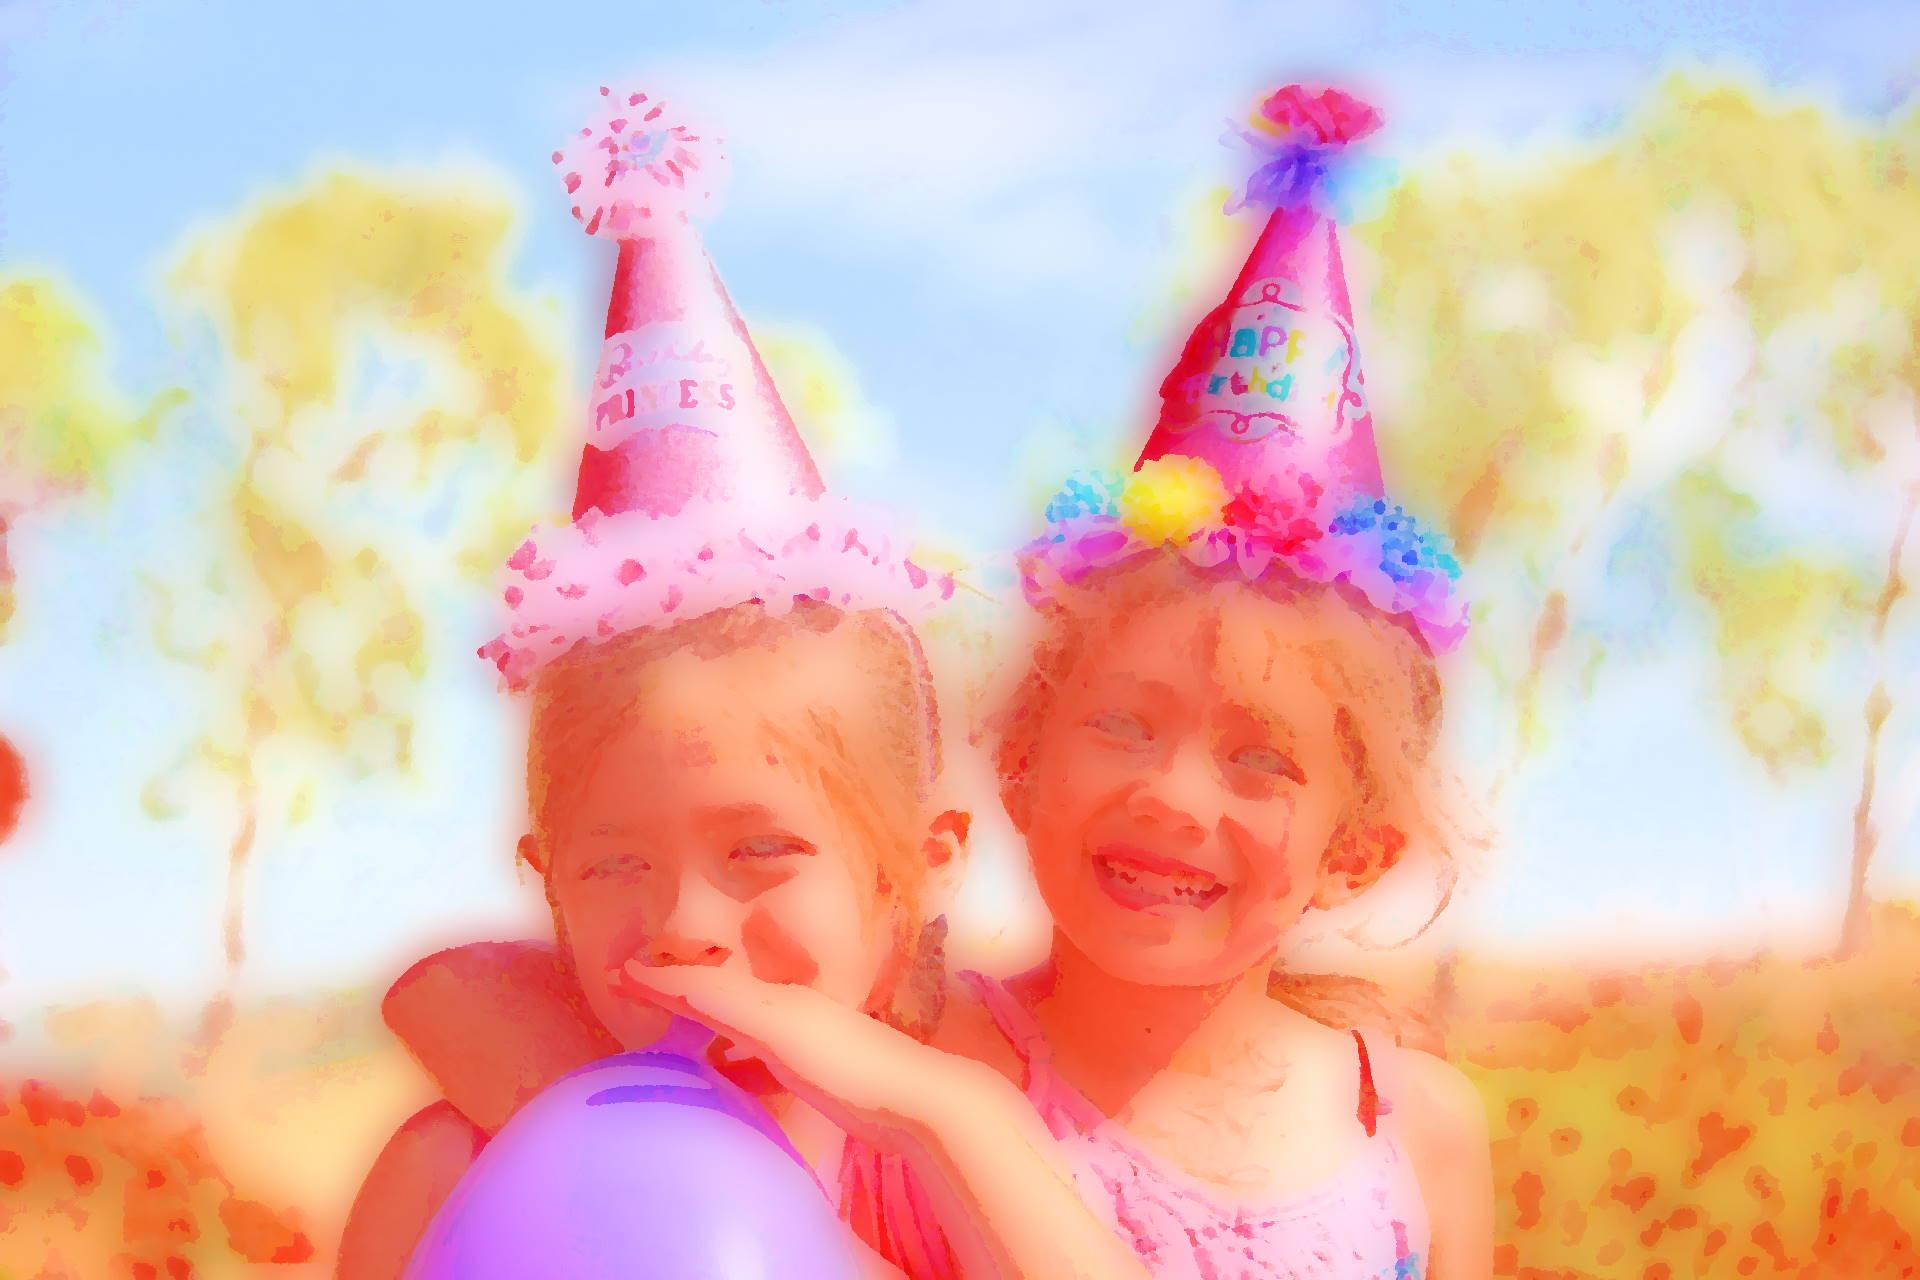 afbeelding: twee kinderen vieren verjaardag.